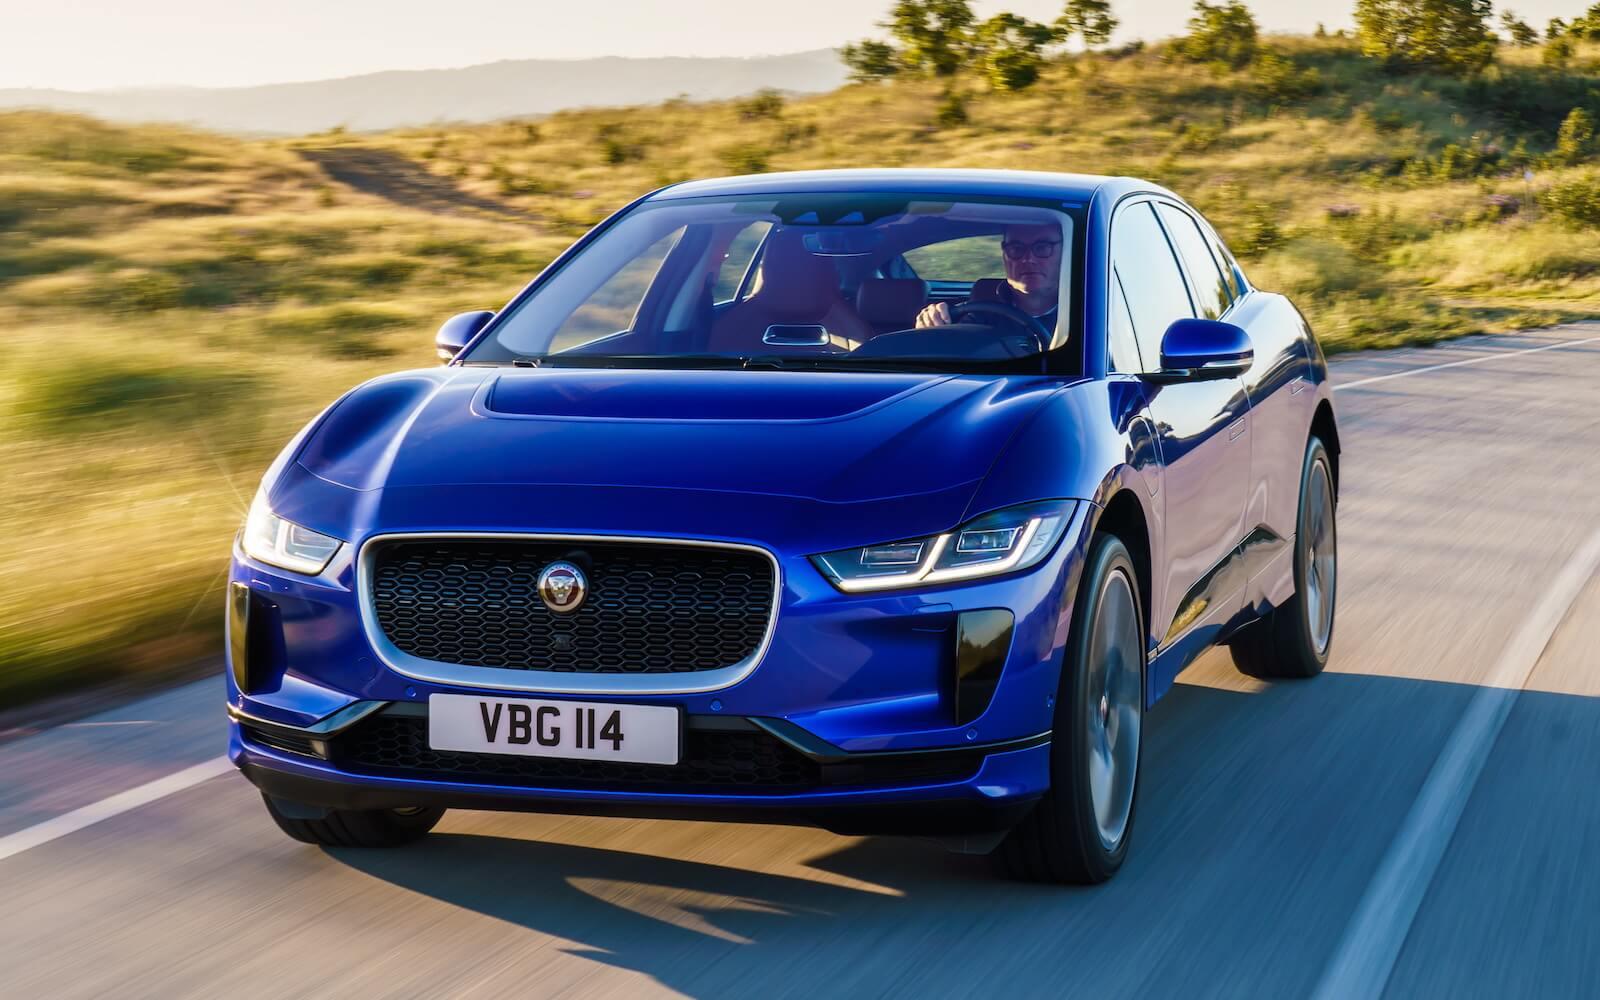 jaguar i-pace 2020 uk price, specs, range | read our review